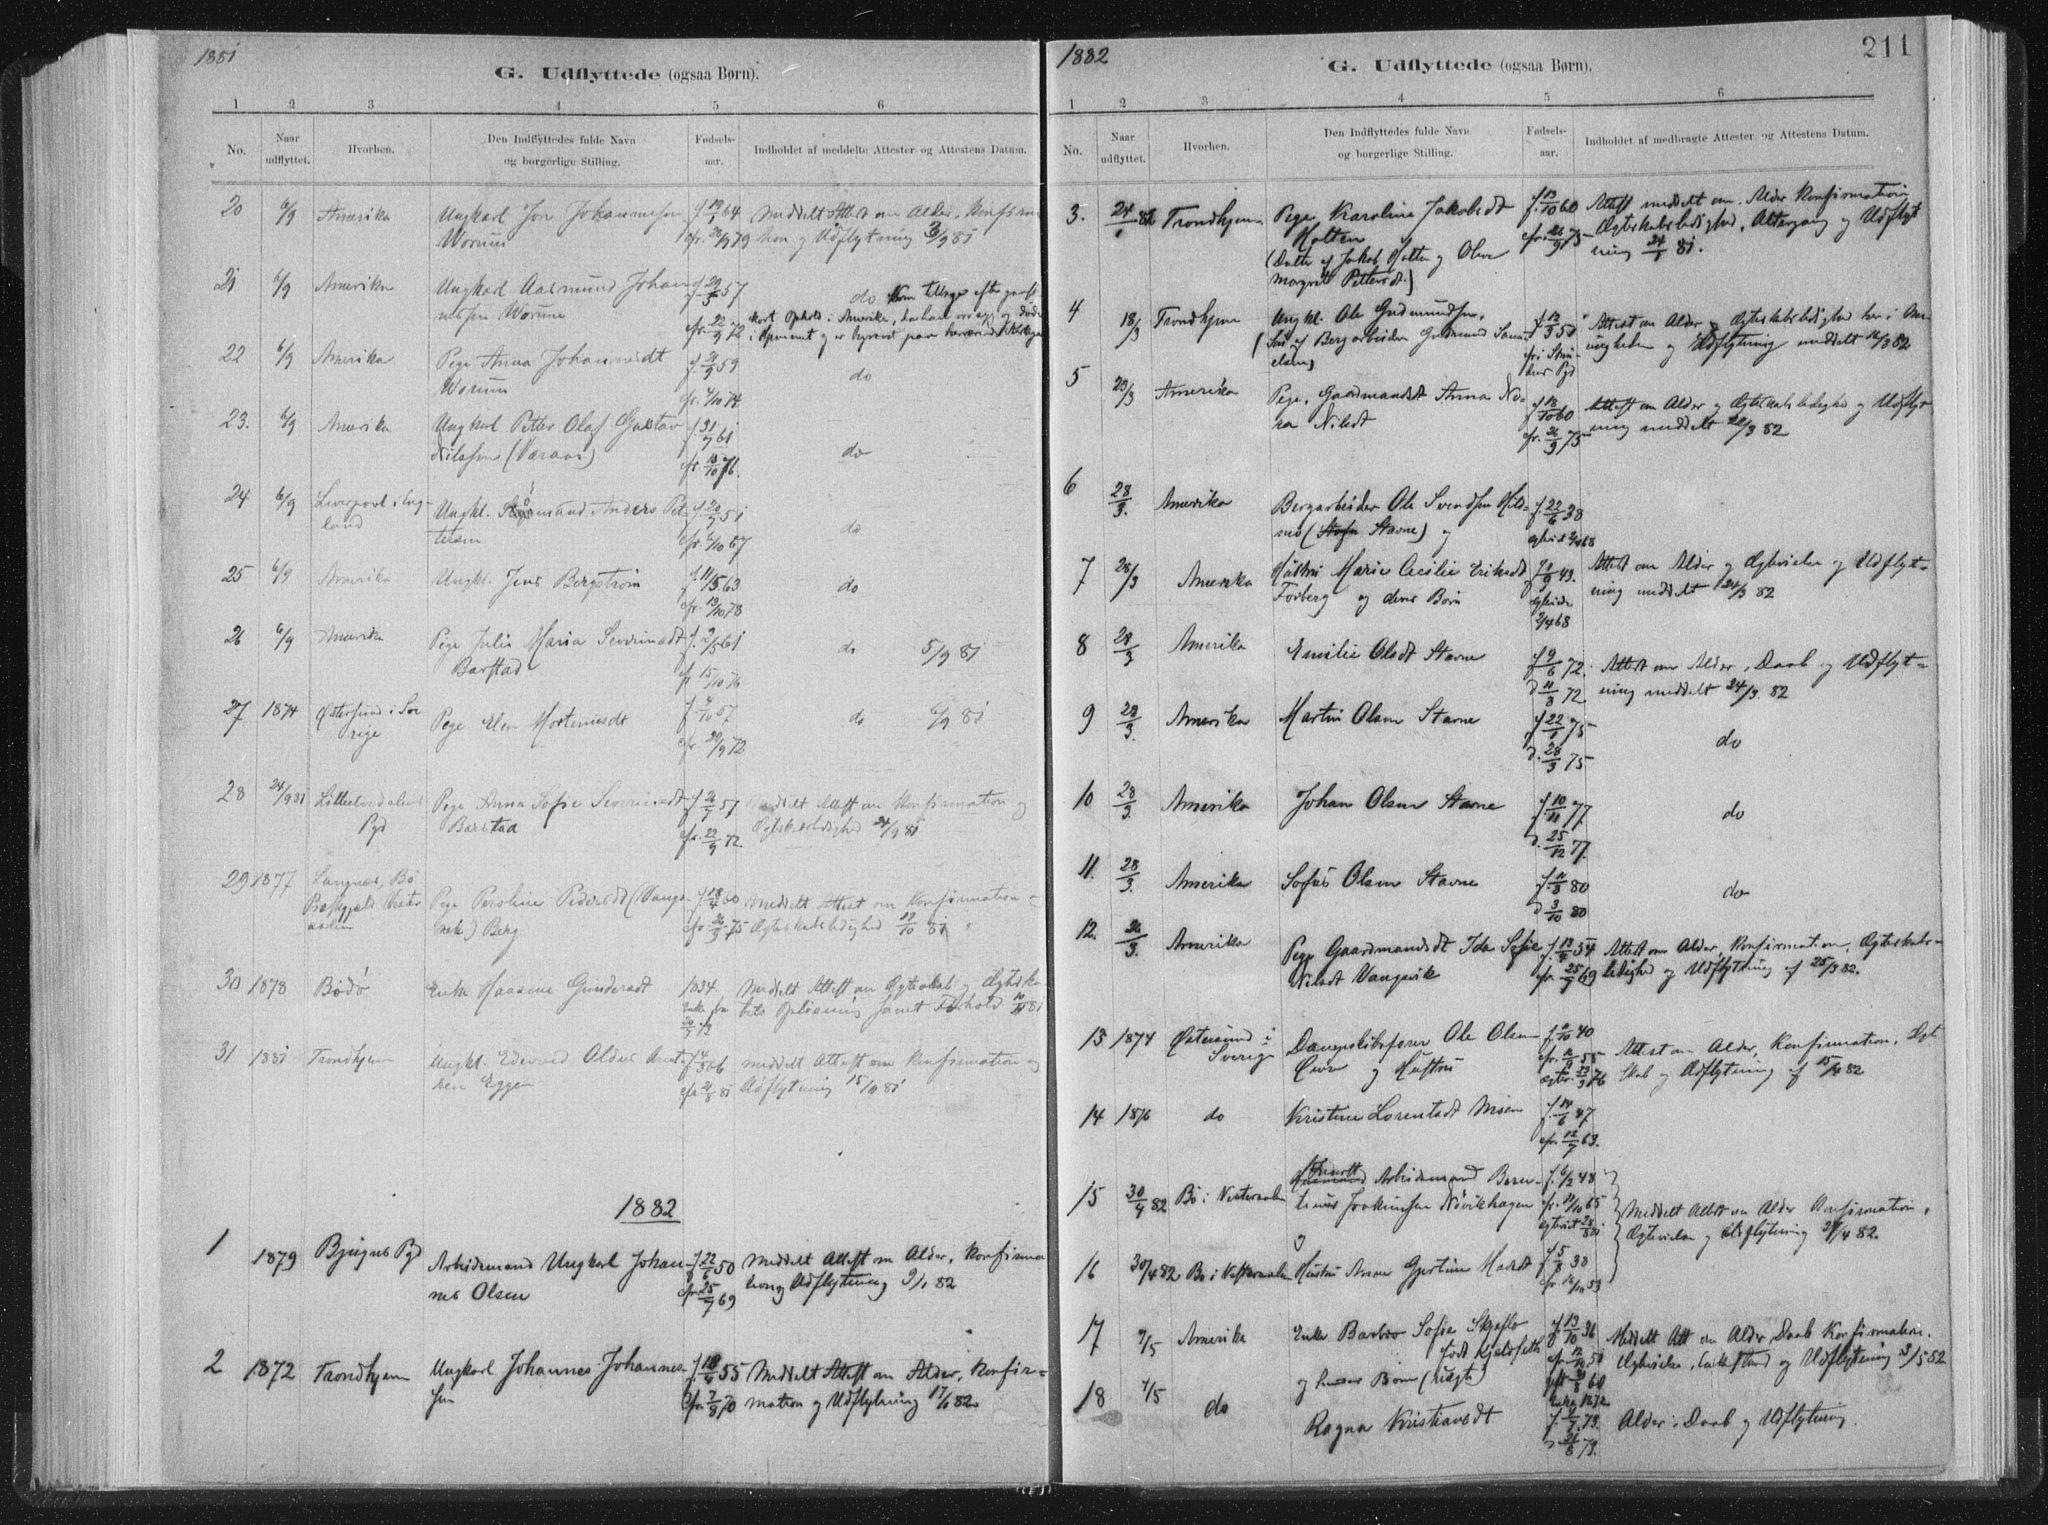 SAT, Ministerialprotokoller, klokkerbøker og fødselsregistre - Nord-Trøndelag, 722/L0220: Ministerialbok nr. 722A07, 1881-1908, s. 211